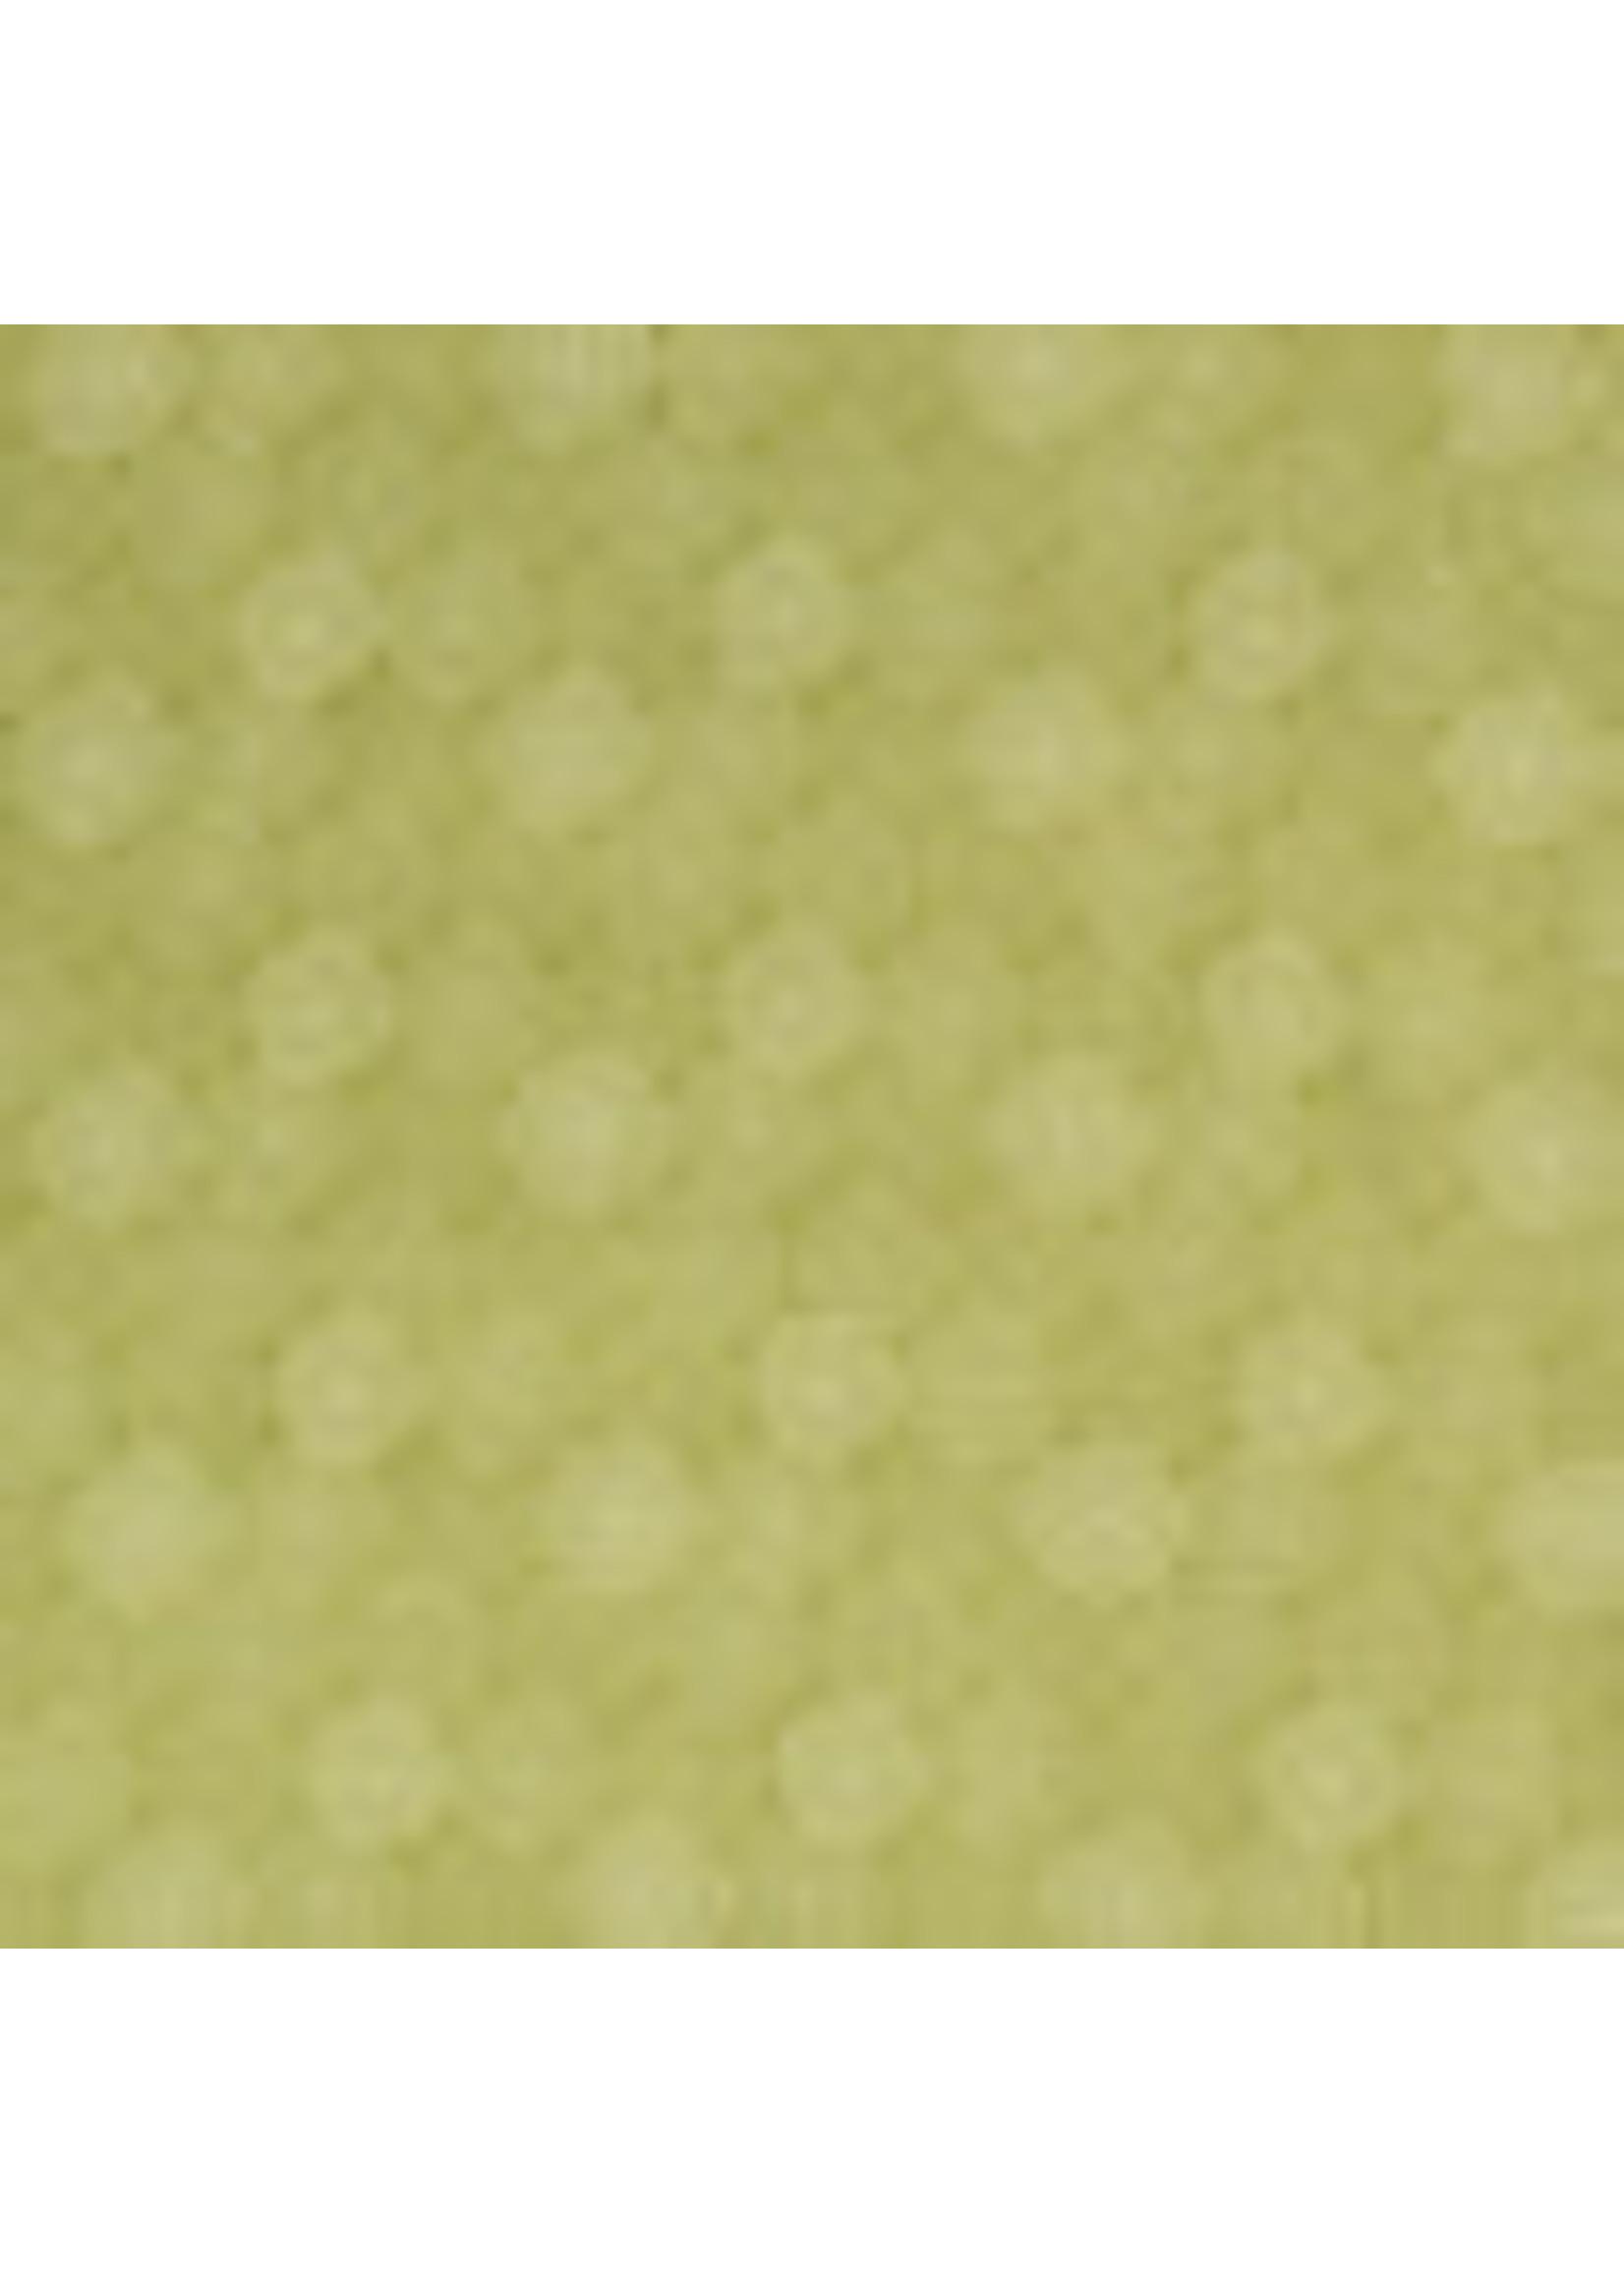 Viscose Poplin Print Circles Green - My Image 22